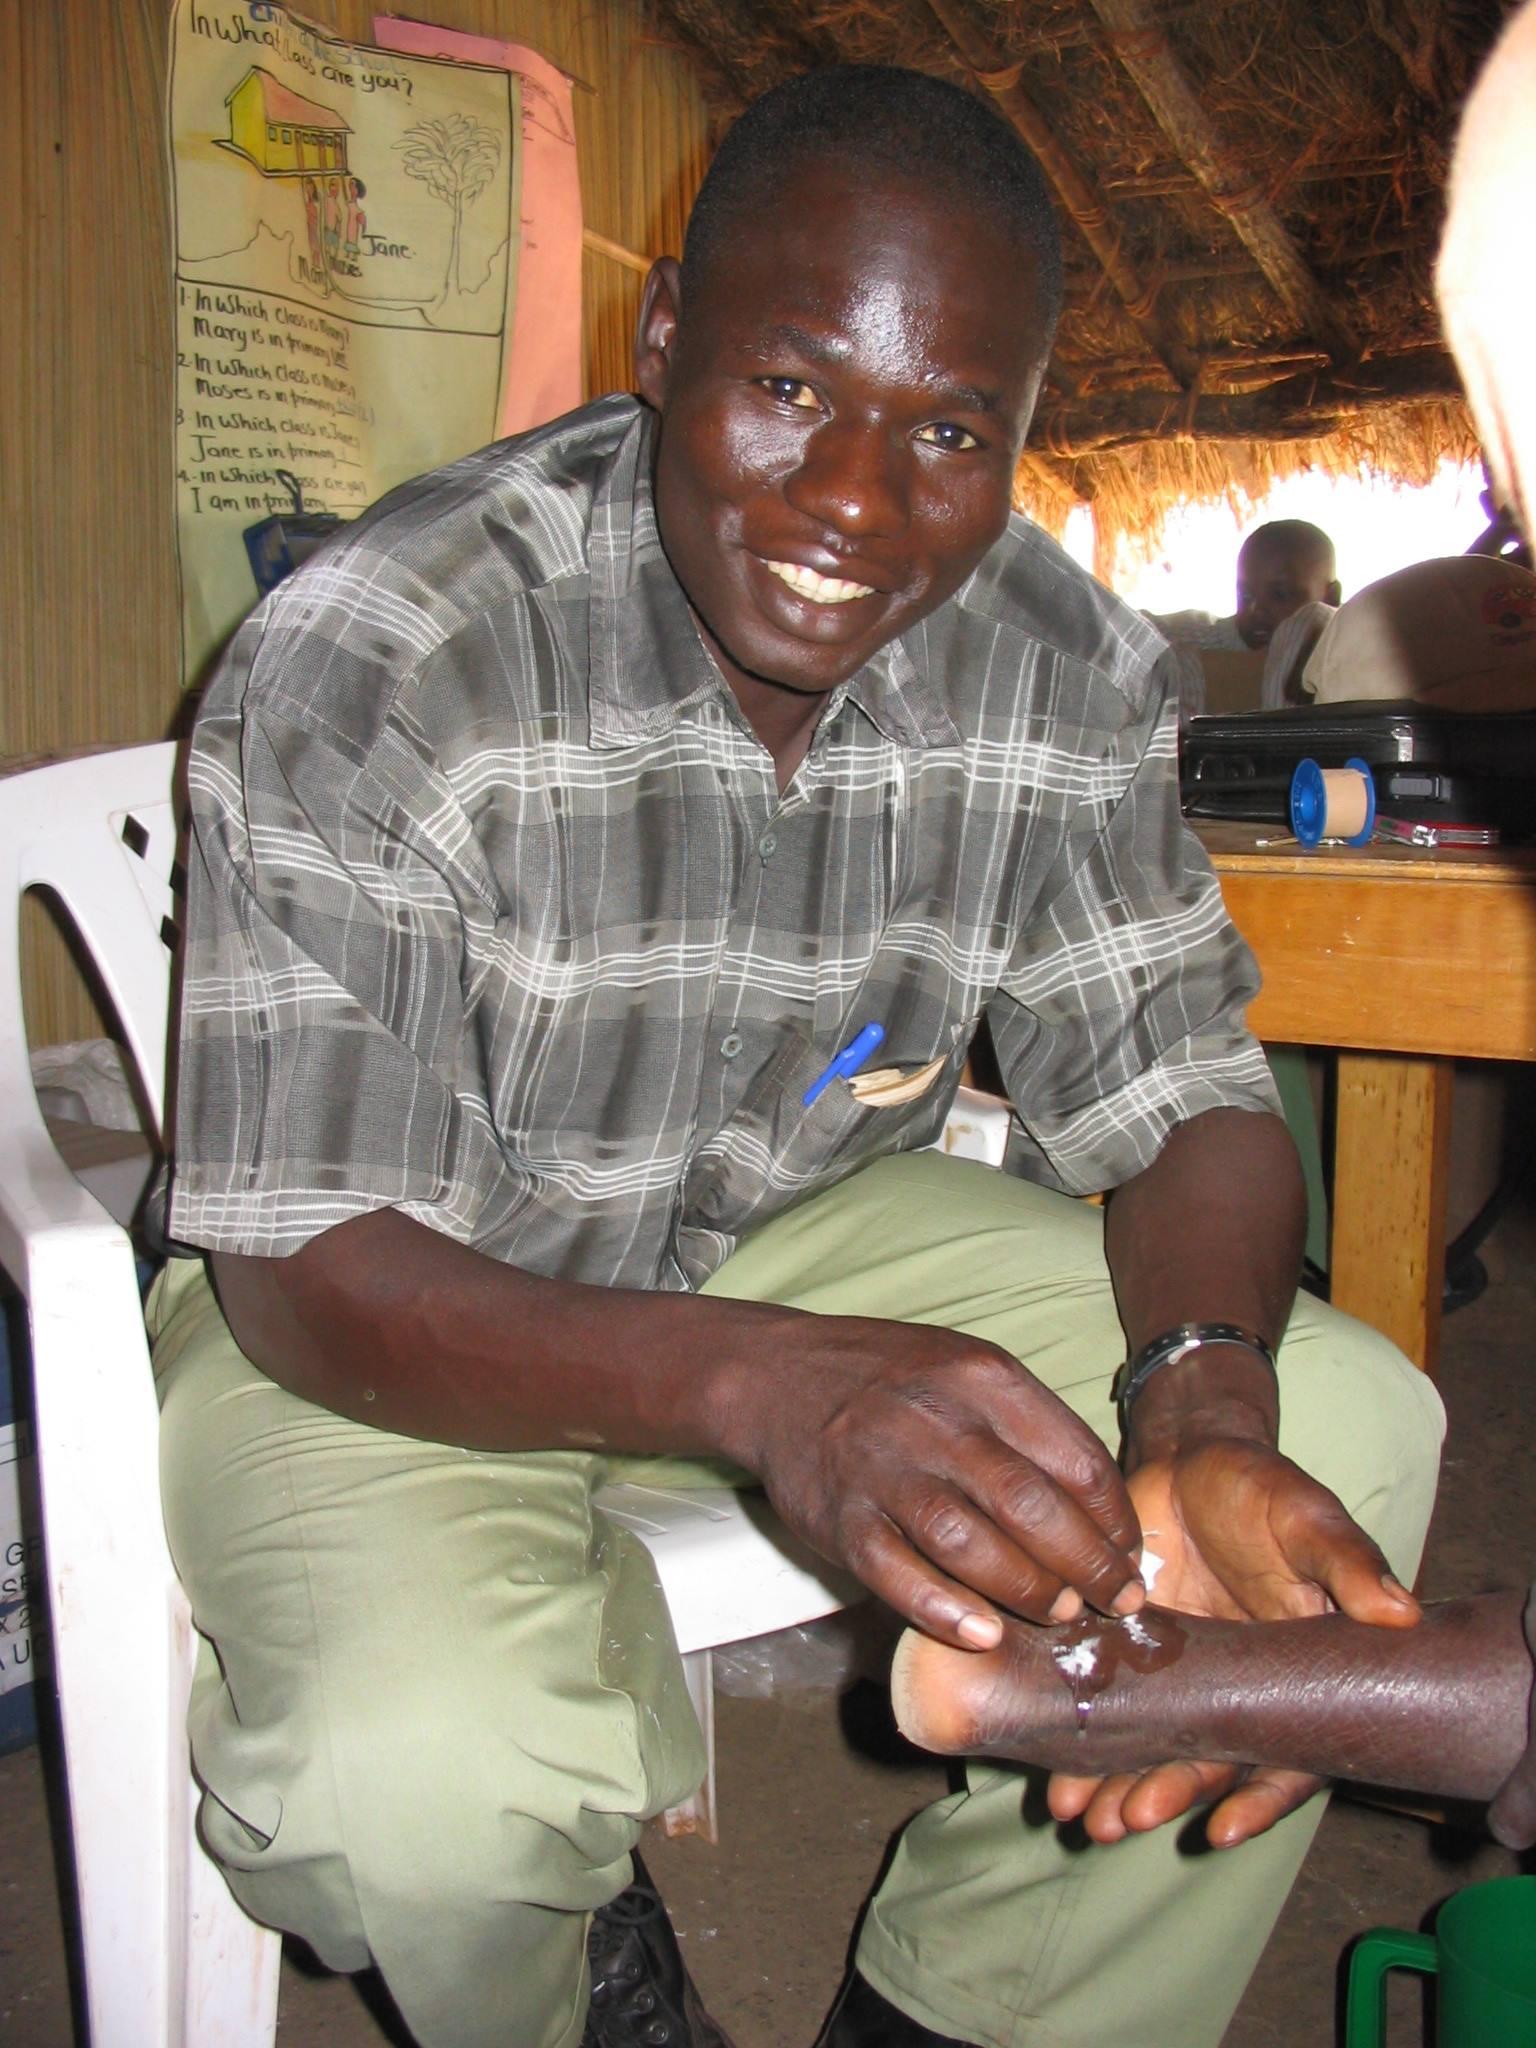 David Ogwang